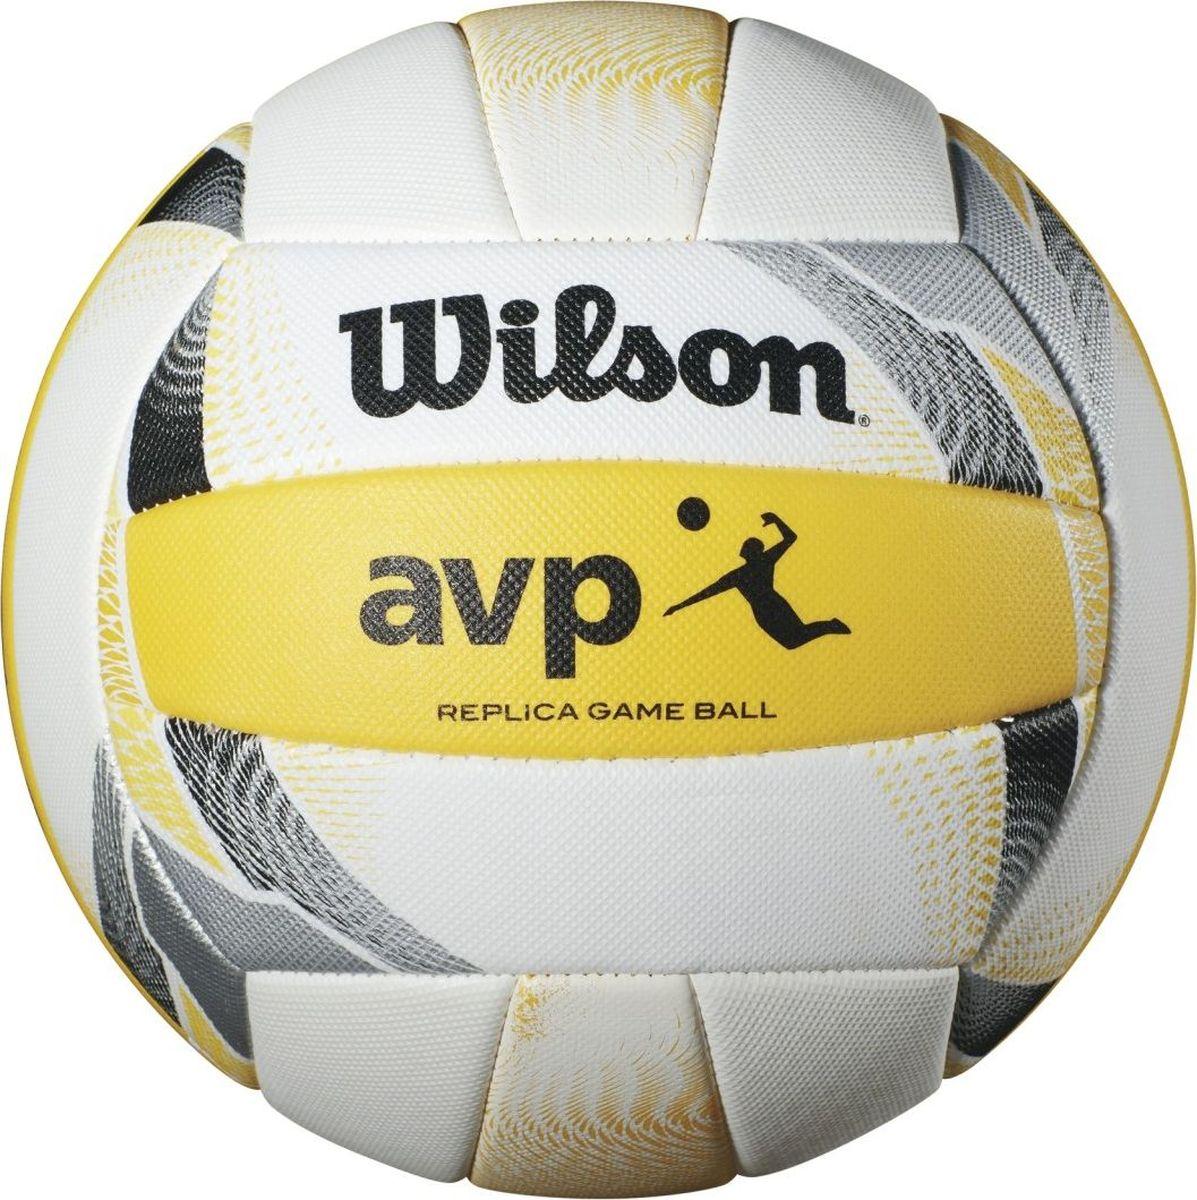 Мяч волейбольный Wilson AVP II Replica, цвет: белый, желтыйWTH6017XBПремимум серия Replicа, созданная специально для профессиональной лиги пляжного волейбола. Текстурное кожаное покрытие для повышенной износостойкости и невероятного ощущения. 18-панельная шовная констуркция для сохранения формы мяча.